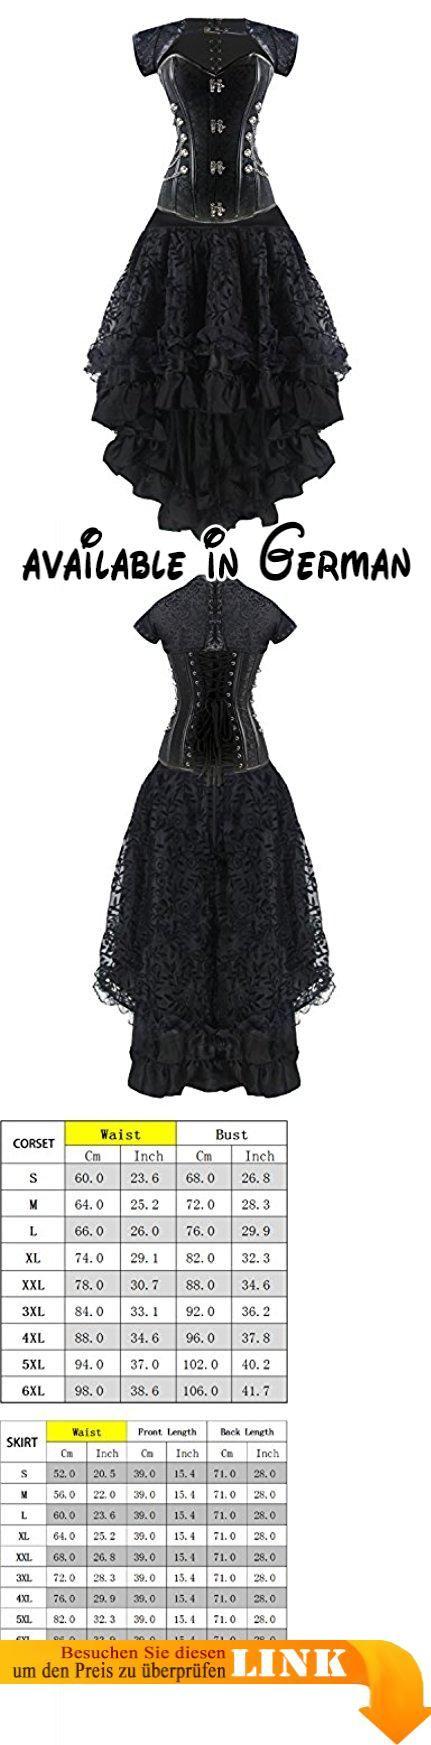 Burvogue Damen Steampunk Gothic Corsage Kleid Lang Rock Corsagenkleid (S, P-20024). Import. Handwäsche. Größe fällt klein aus.Um 2-3Größen bis. Steampunk-Kostüm inkl. Rock und Korsett Top. Hohe Qualität, perfekt zu ergänzen eine Burlesque-, Spanisch, Steampunk oder Gothic Kostüm. #Apparel #UNDERWEAR